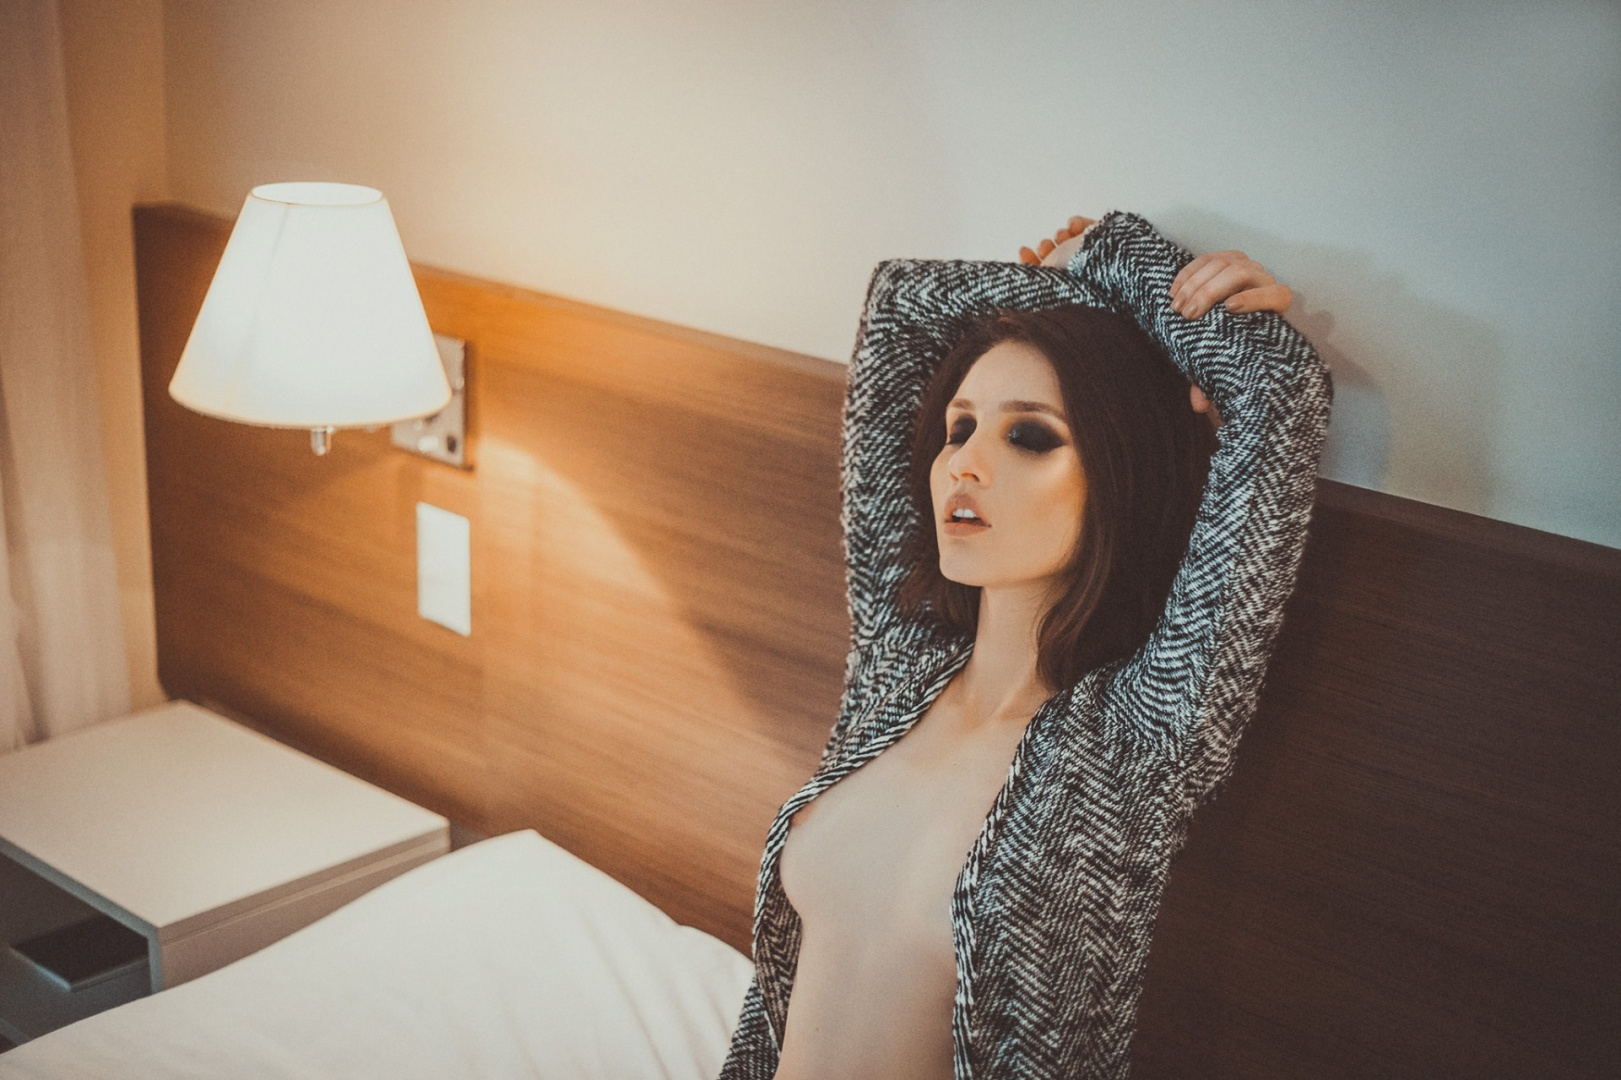 Nus/Jessica - Hotel